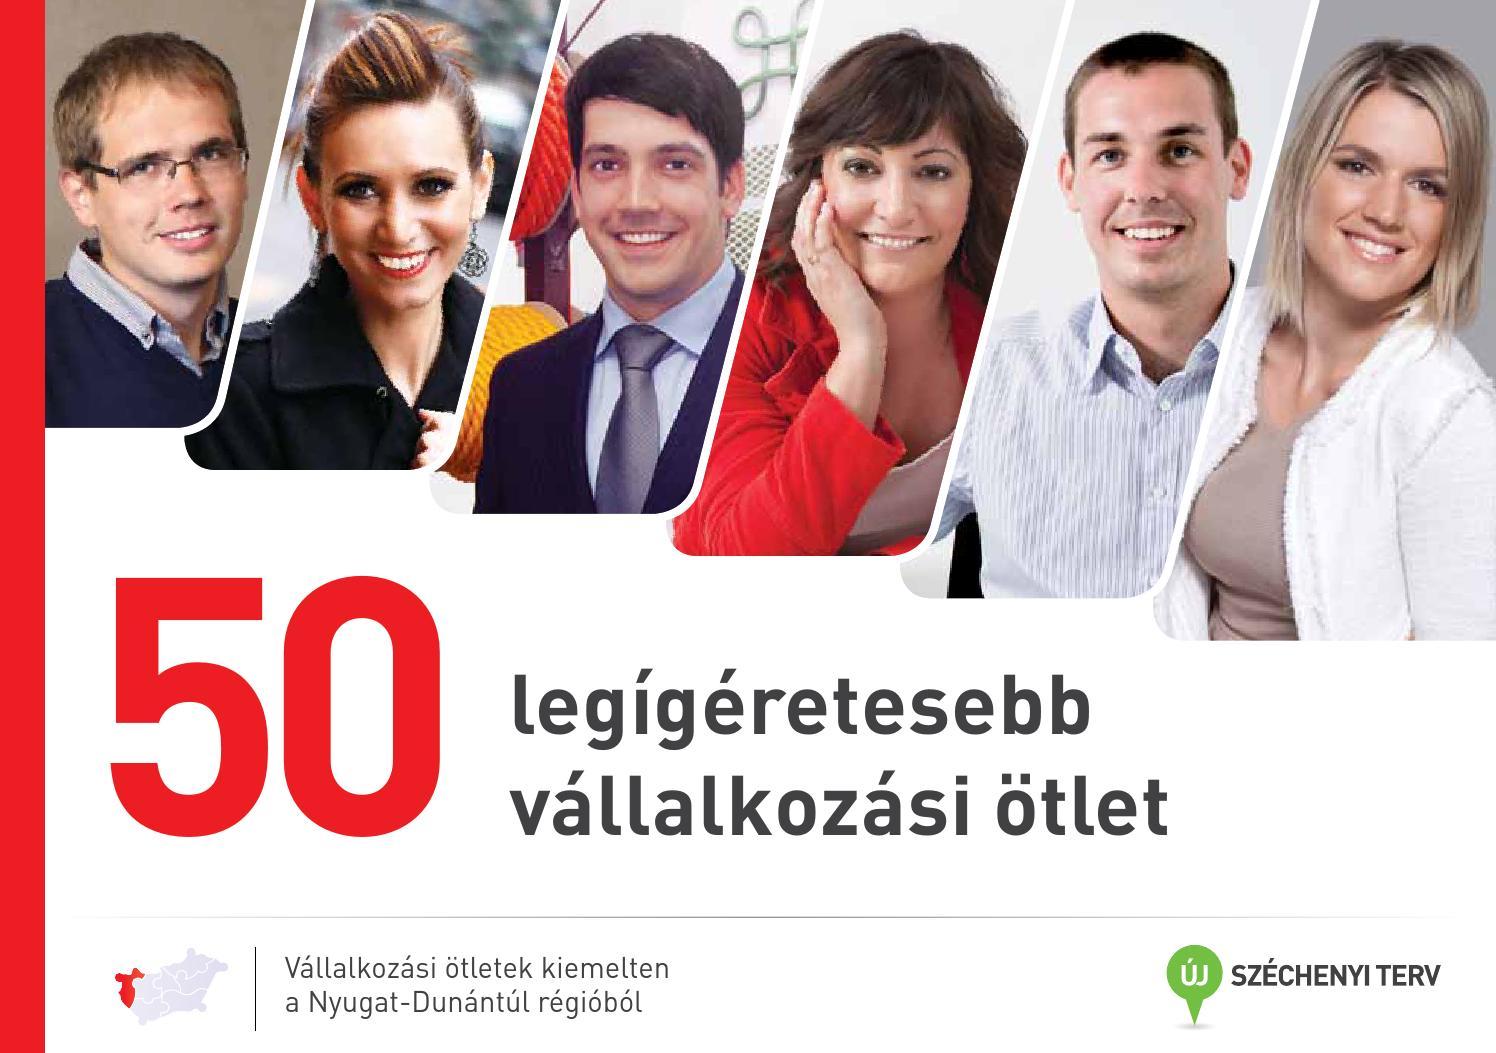 további jövedelem üzleti ötletek)